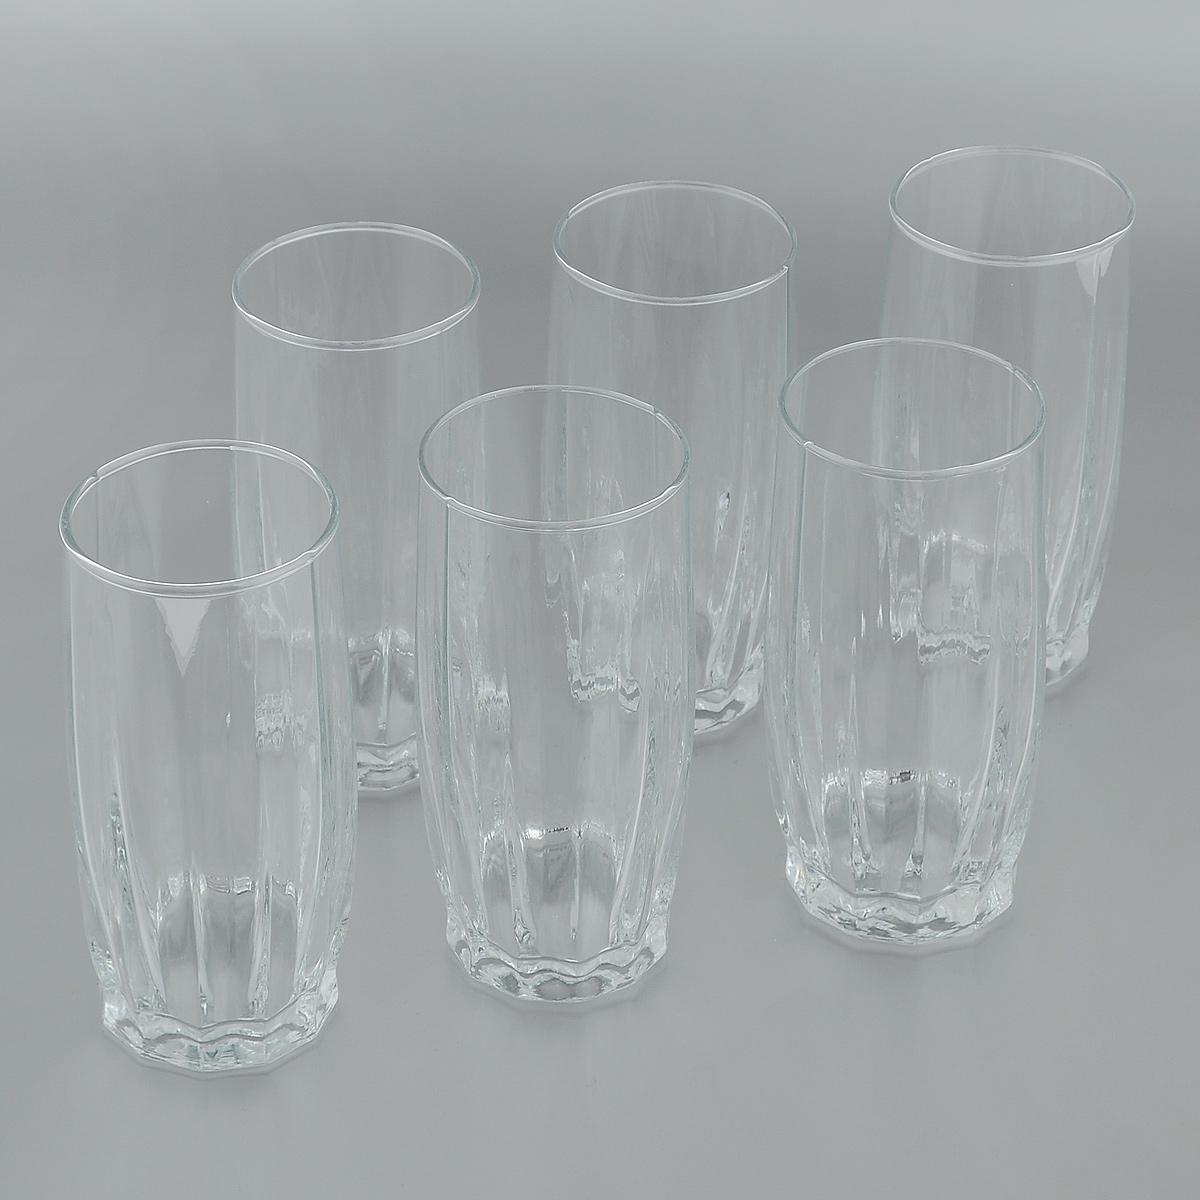 Набор стаканов для коктейлей Pasabahce Dance, 320 мл, 6 штVT-1520(SR)Набор Pasabahce Dance состоит из шести стаканов, изготовленных из прочного натрий-кальций-силикатного стекла. Изделия, предназначенные для подачи коктейлей, воды, сока и других напитков, несомненно придутся вам по душе. Стаканы, оснащенные рельефной многогранной поверхностью, сочетают в себе элегантный дизайн и функциональность. Благодаря такому набору пить напитки будет еще вкуснее. Набор стаканов Pasabahce Dance идеально подойдет для сервировки стола и станет отличным подарком к любому празднику.Можно мыть в посудомоечной машине и использовать в микроволновой печи. Диаметр стакана по верхнему краю: 6 см.Высота стакана: 14 см.